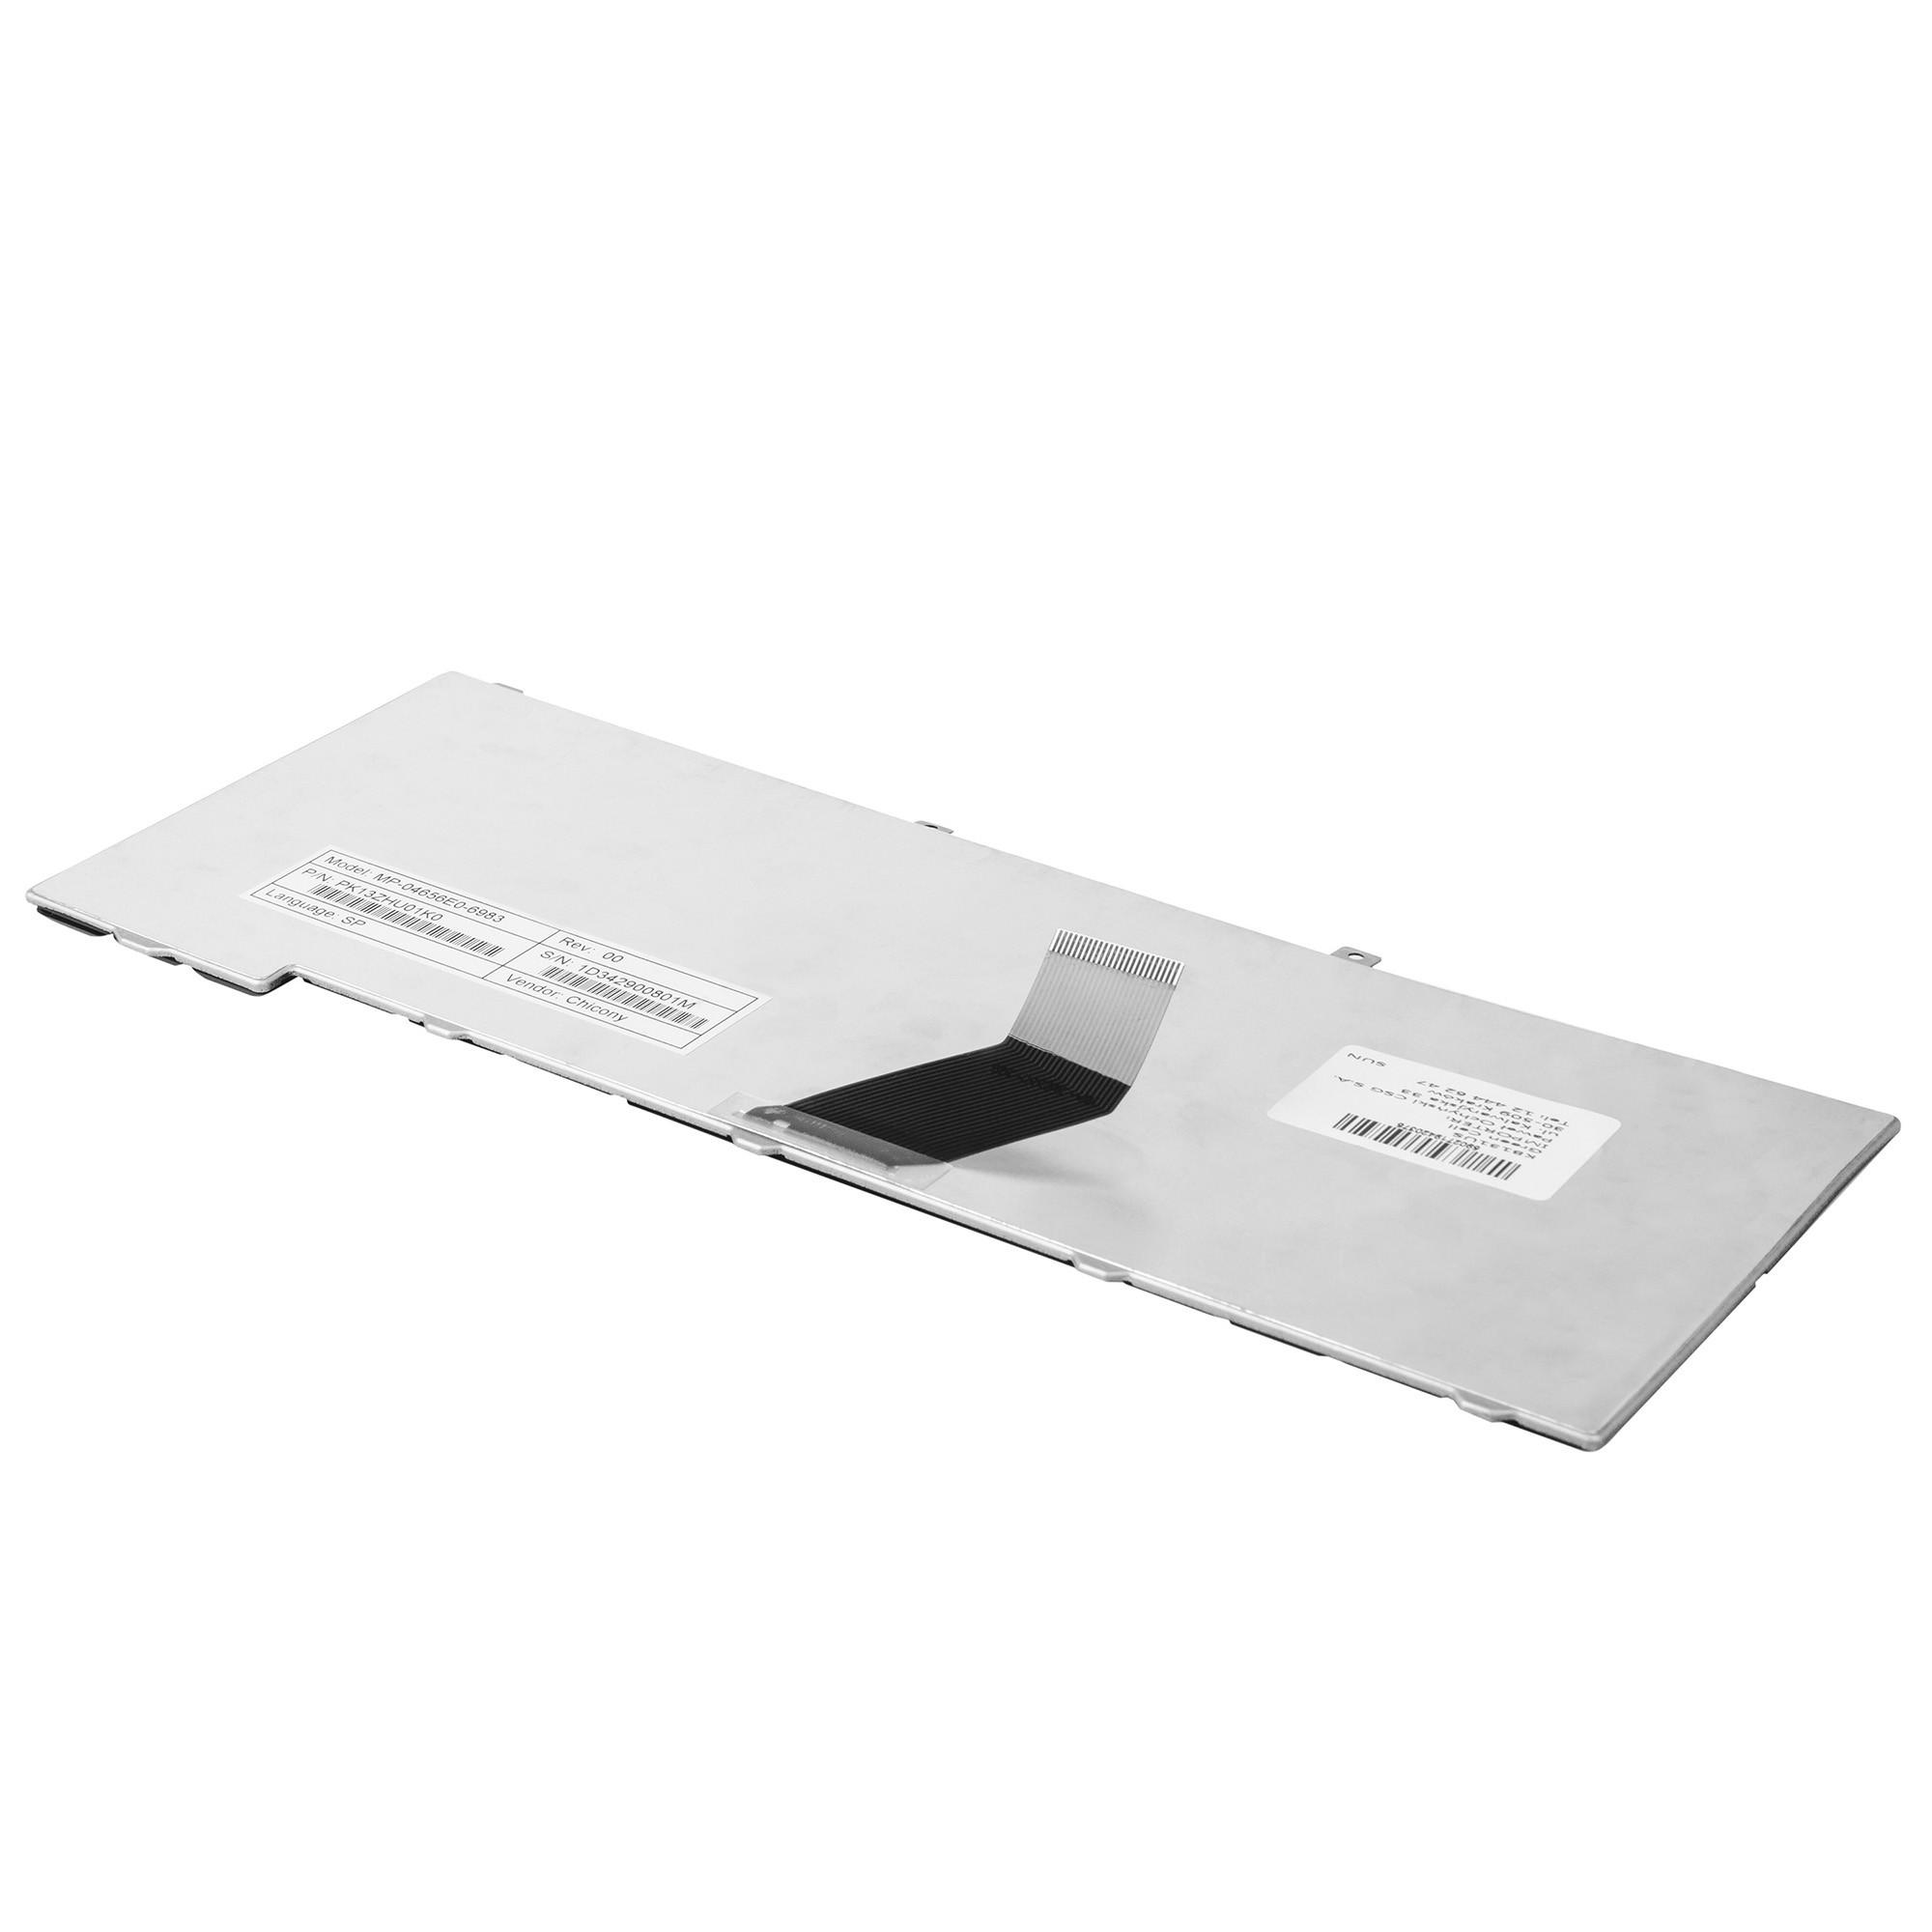 Klávesnice pro notebook Acer Aspire 3600 3650 3690 3692 5100 5101 5102 5103 5110 5500 5610 5630 5650 5680